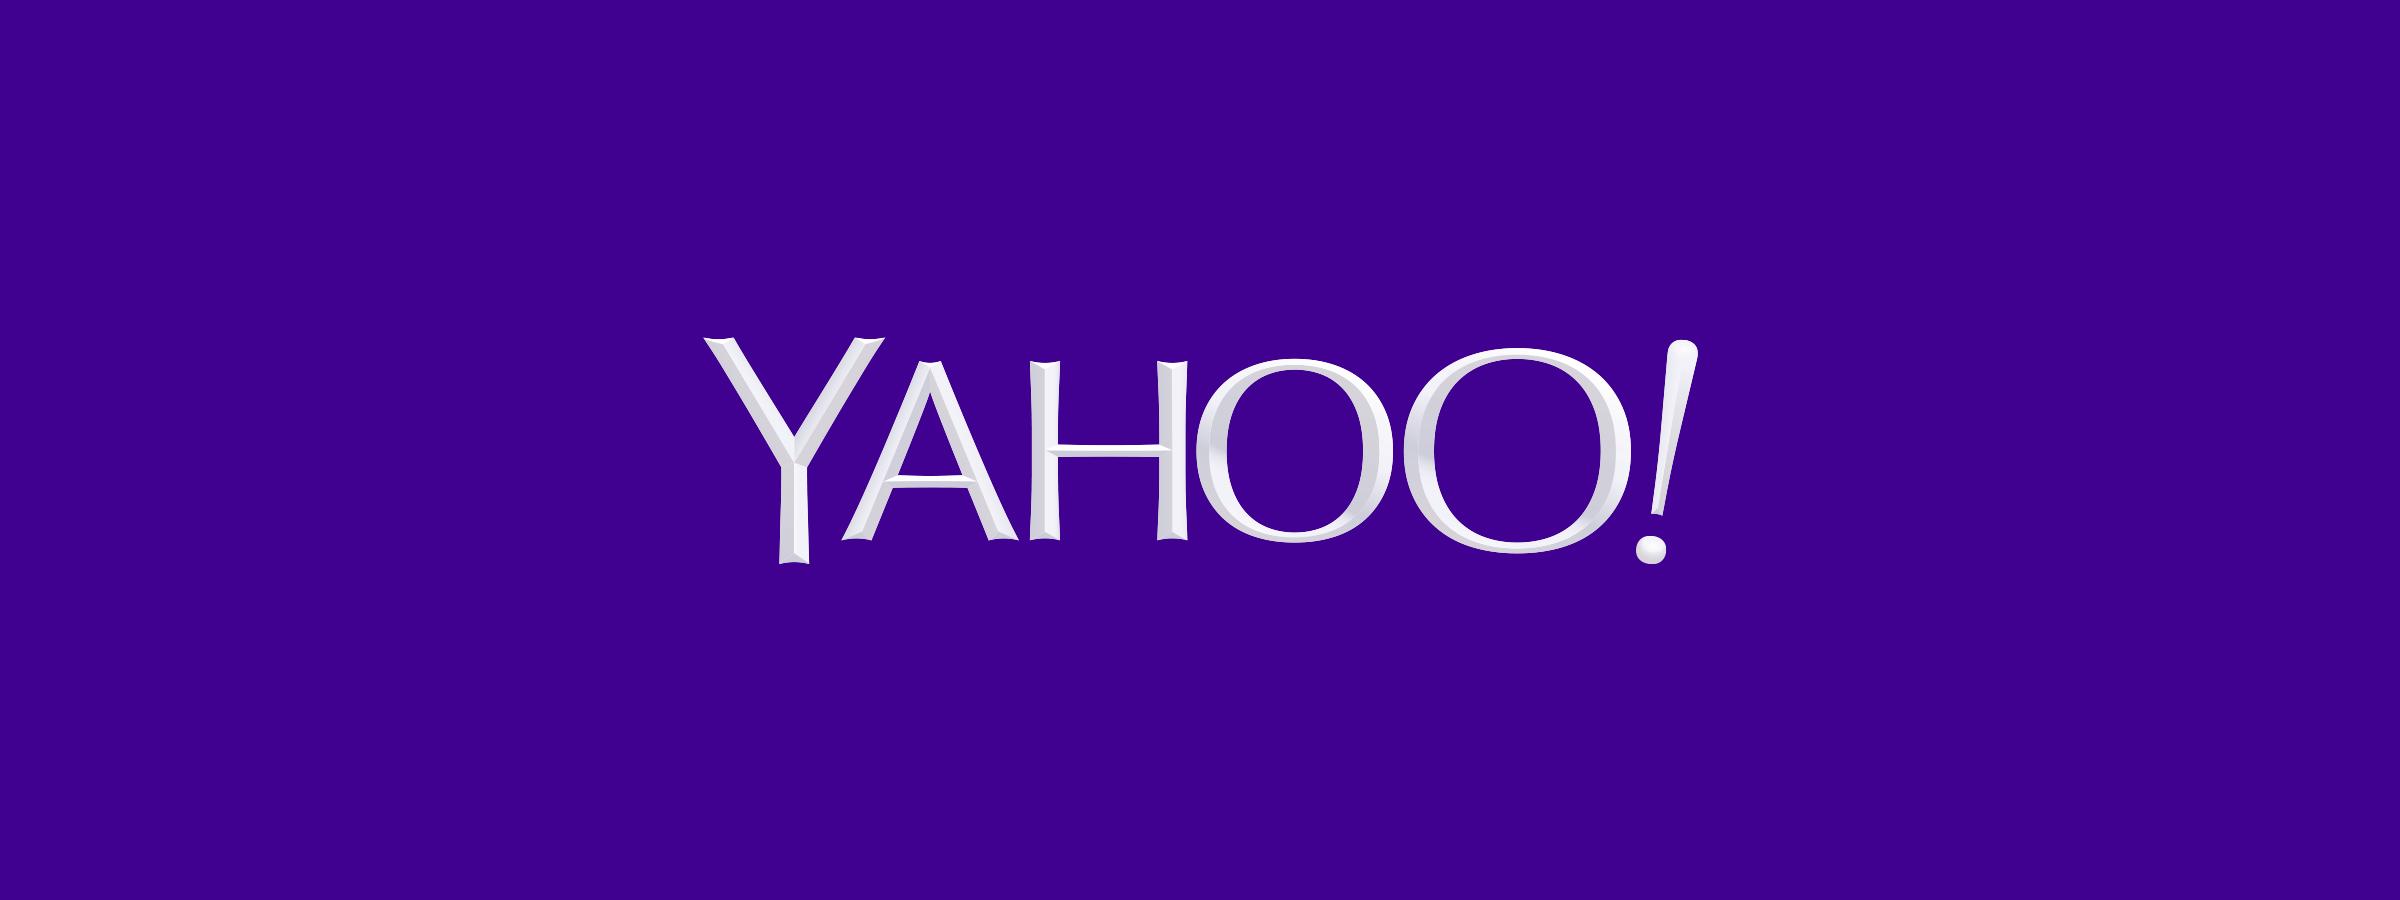 Yahoo_2400x900